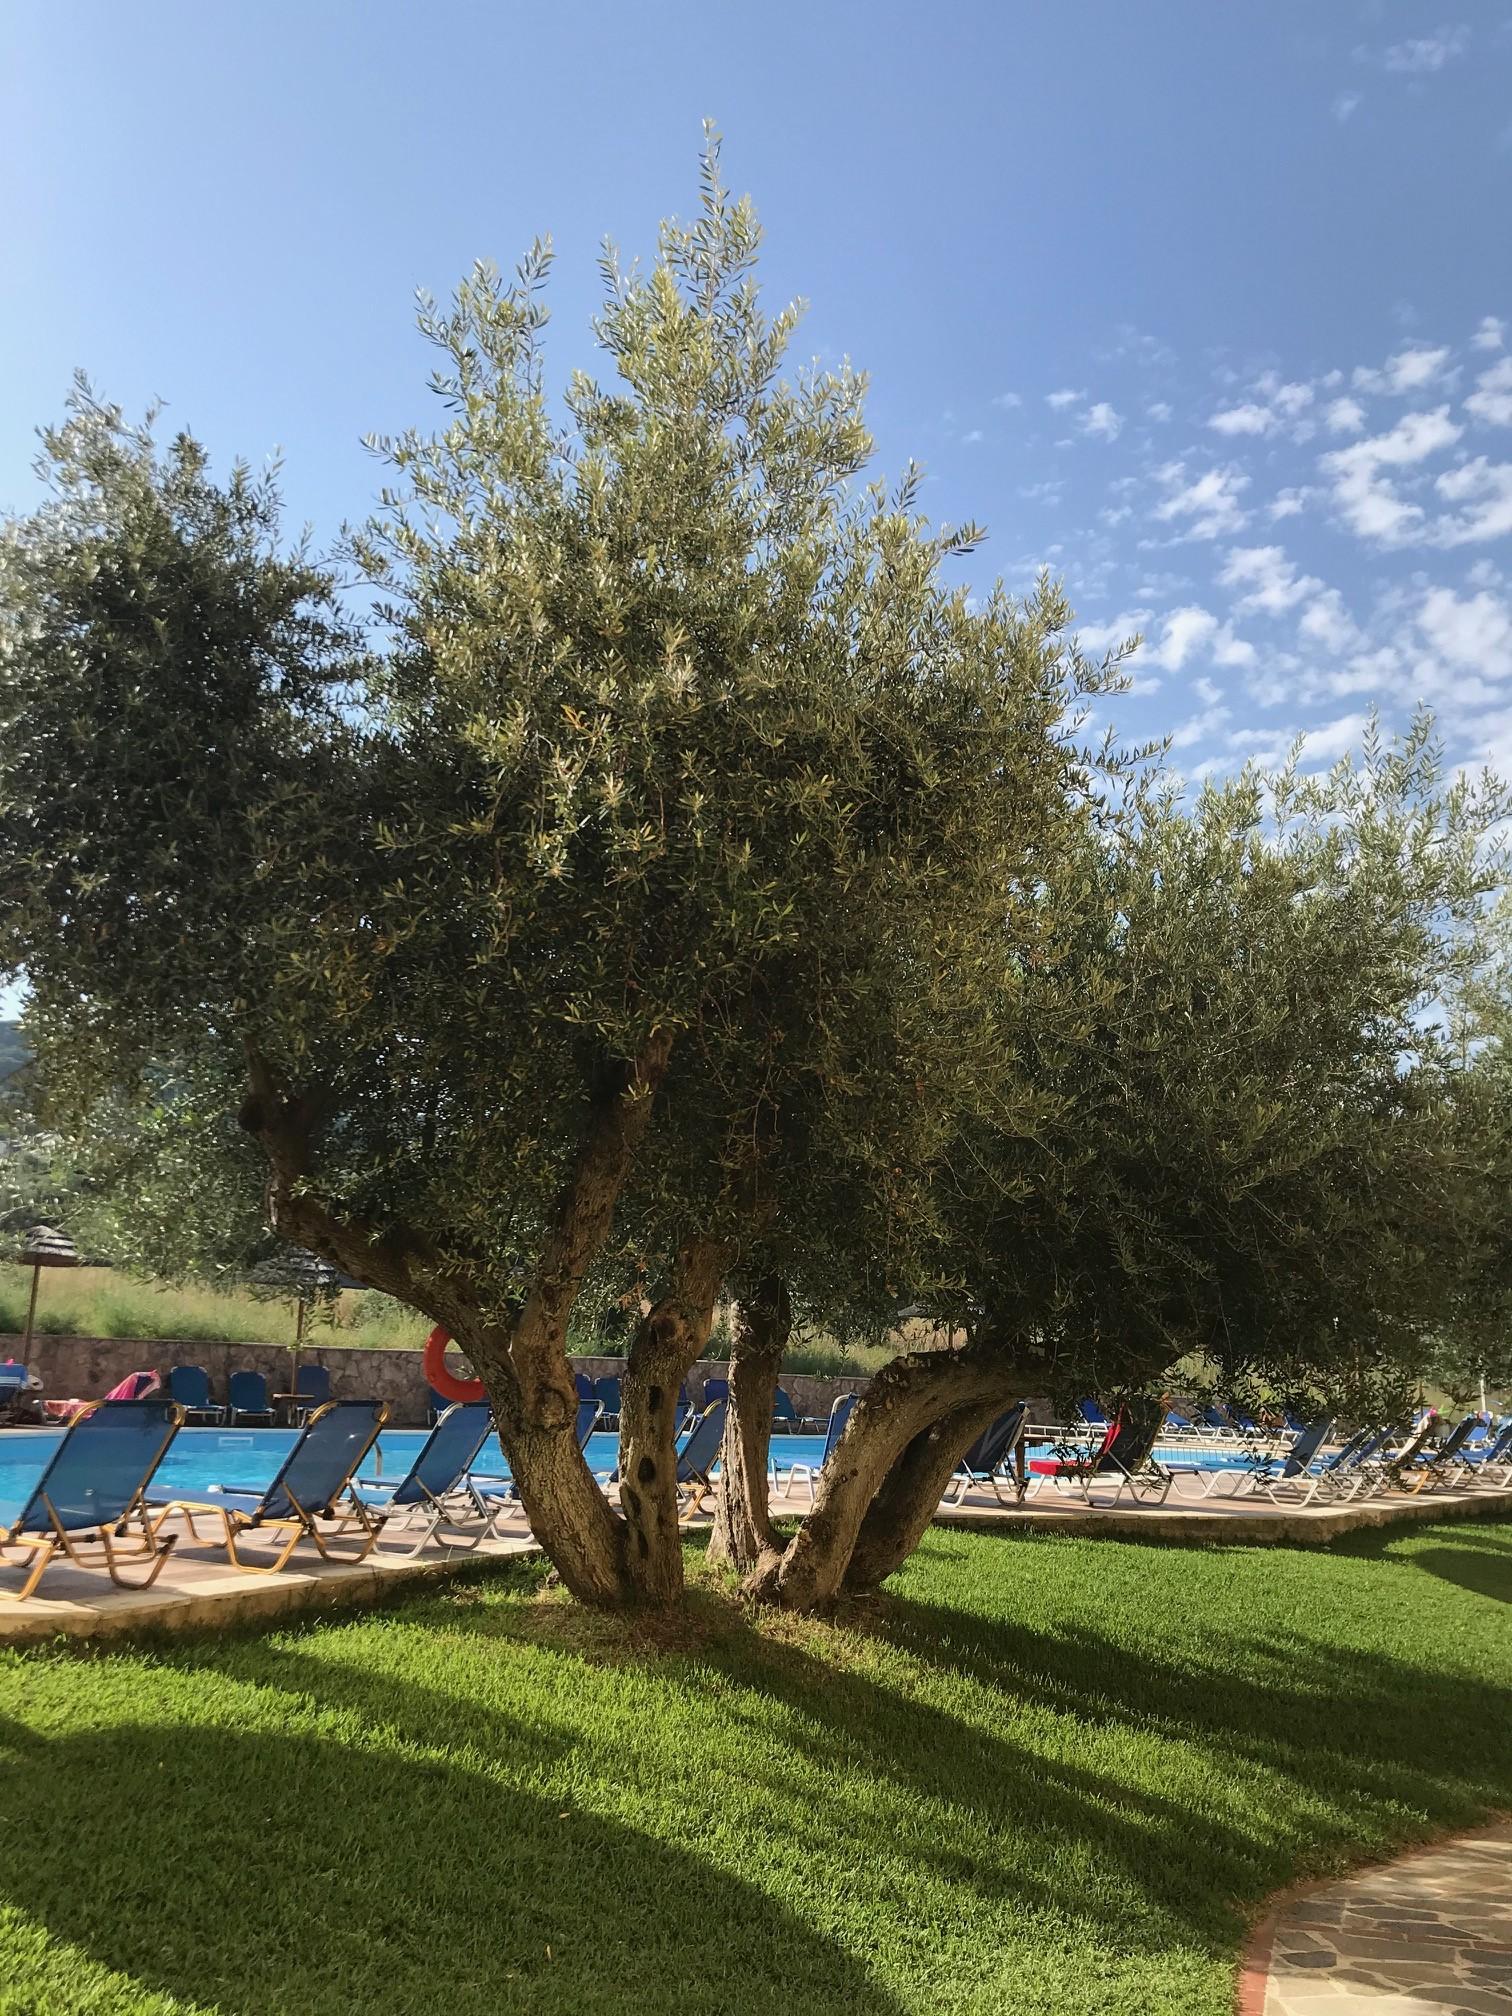 LassiHotel Pool Area (4)